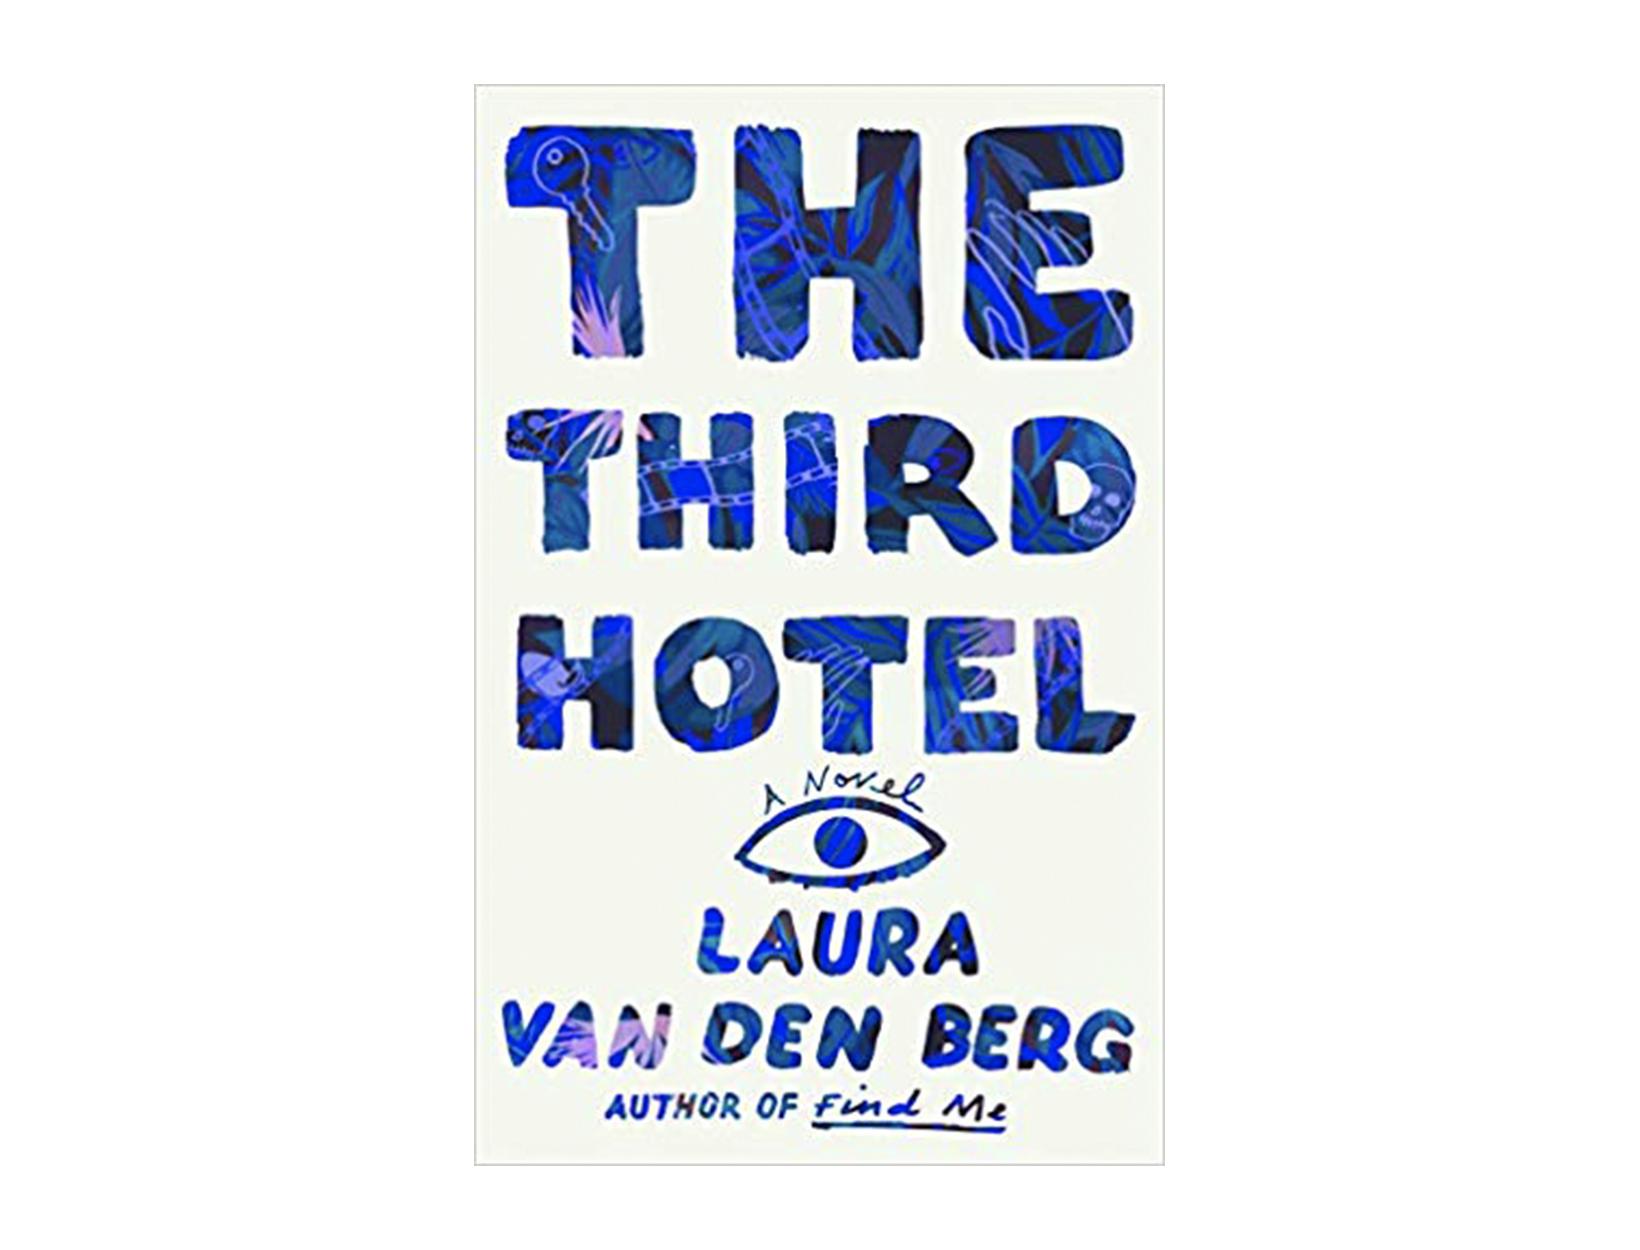 <em>Laura van den Berg